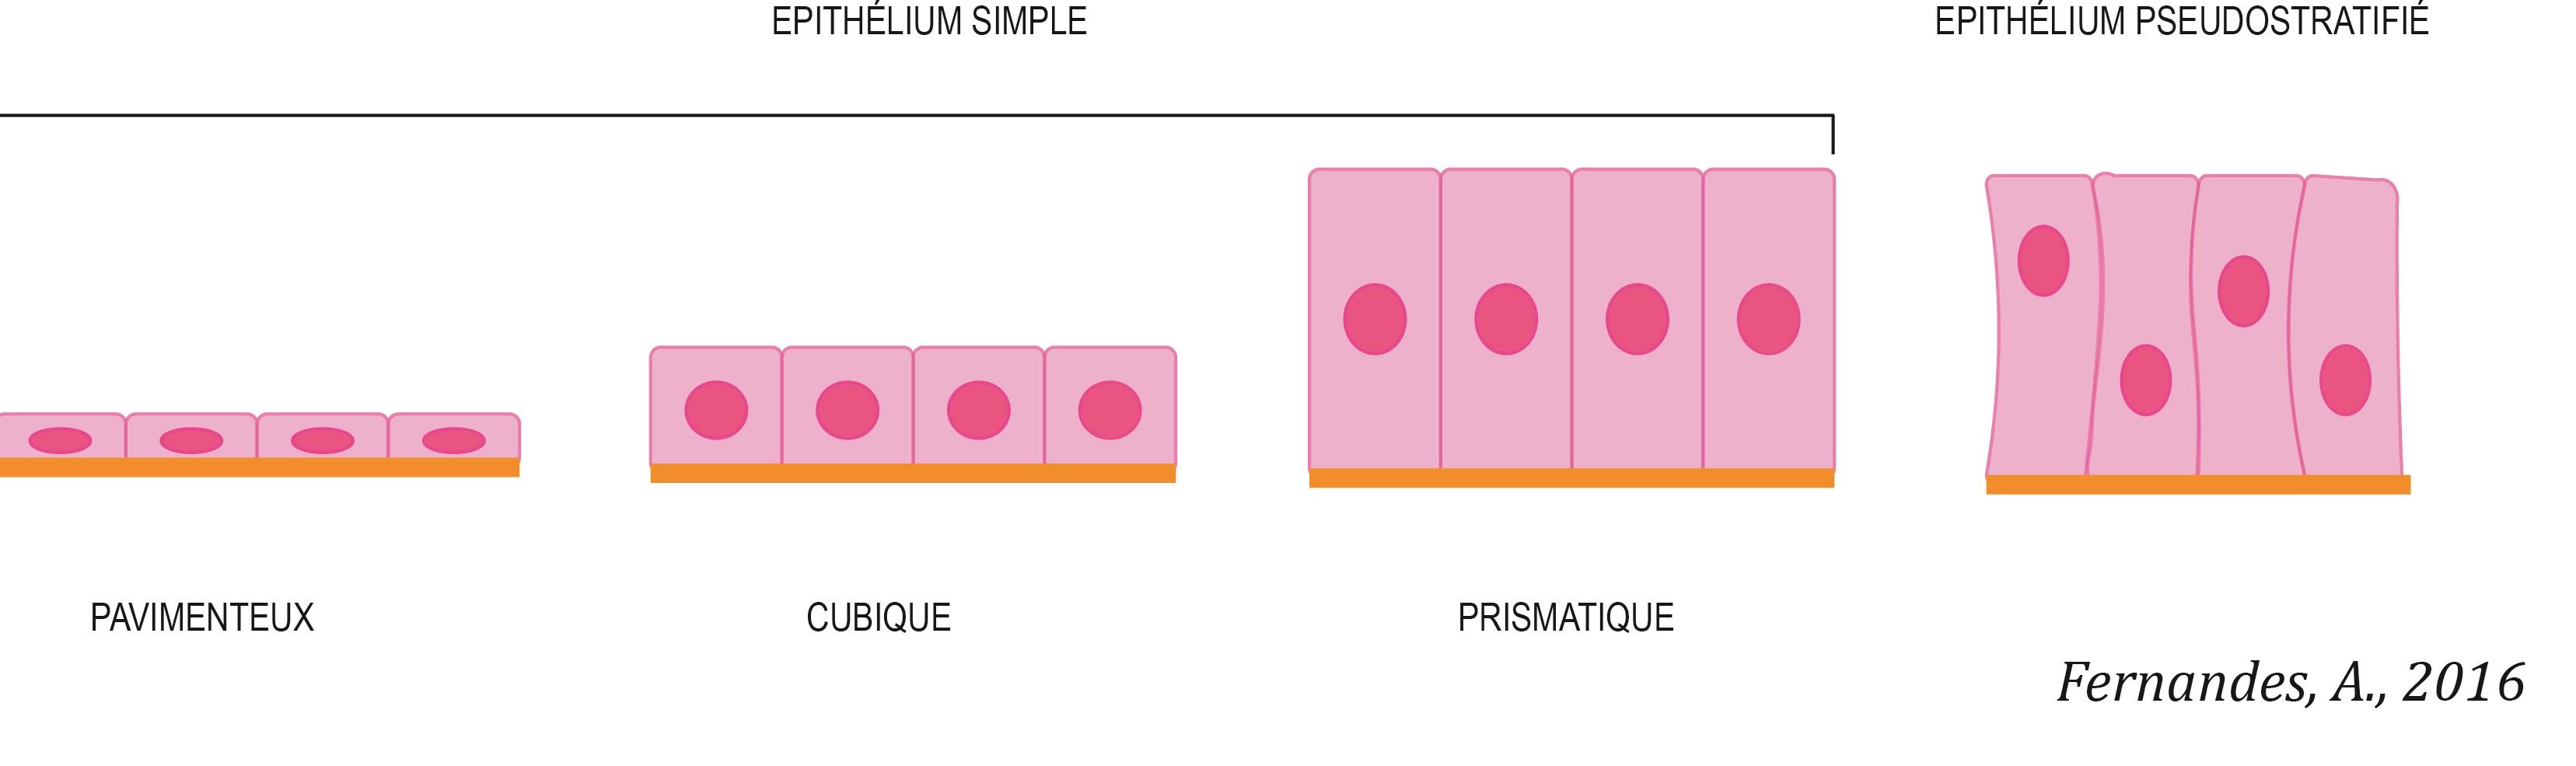 epitelio-simples-fr